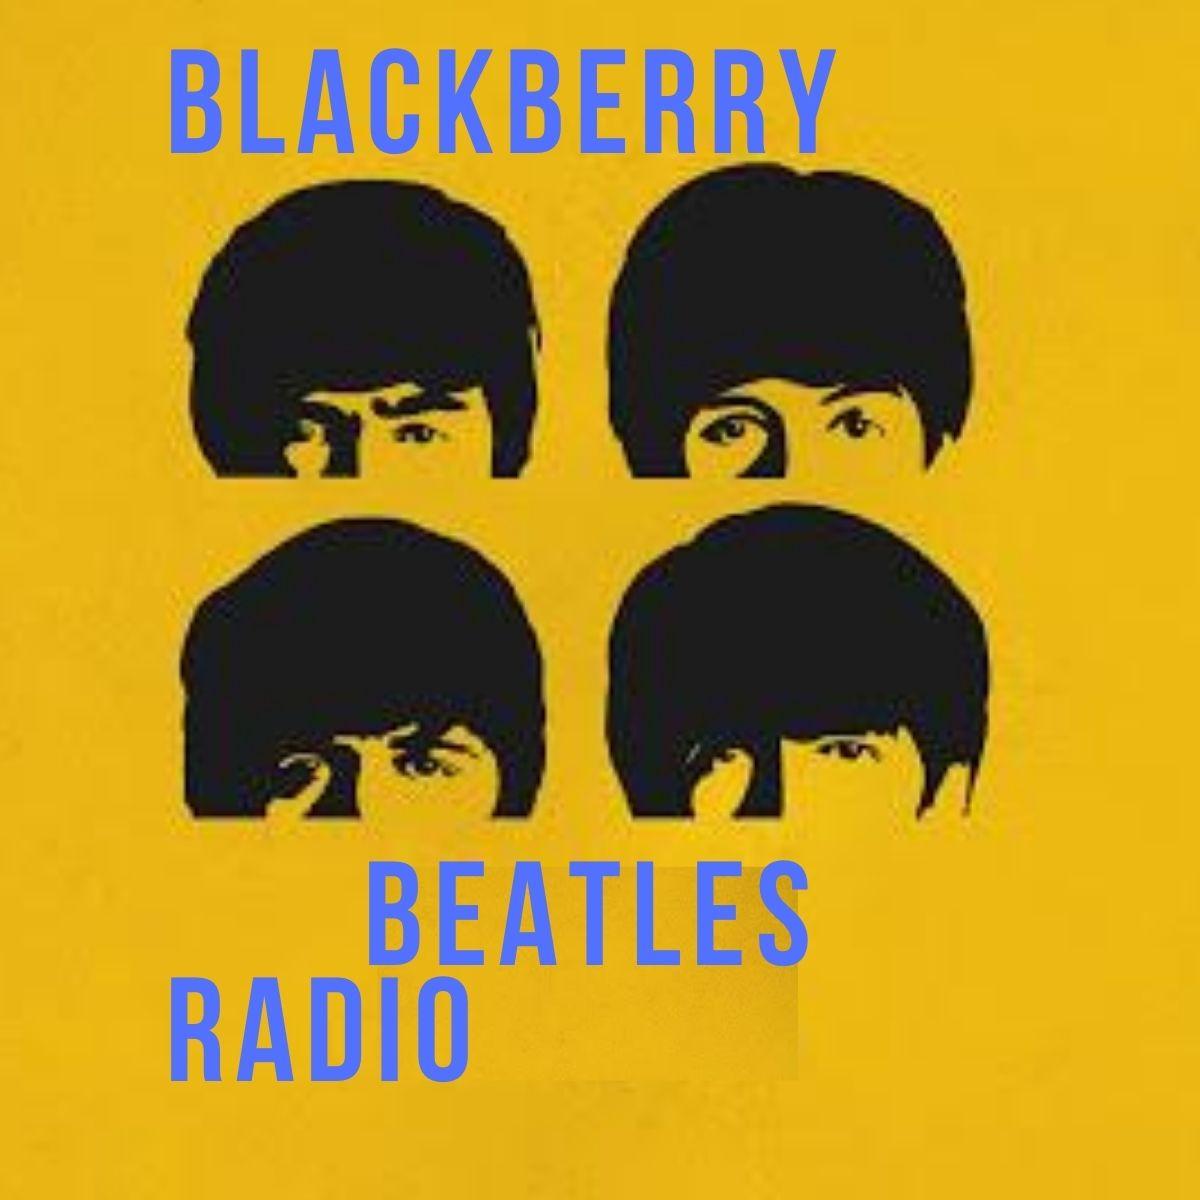 BlackBerry Beatles Radio